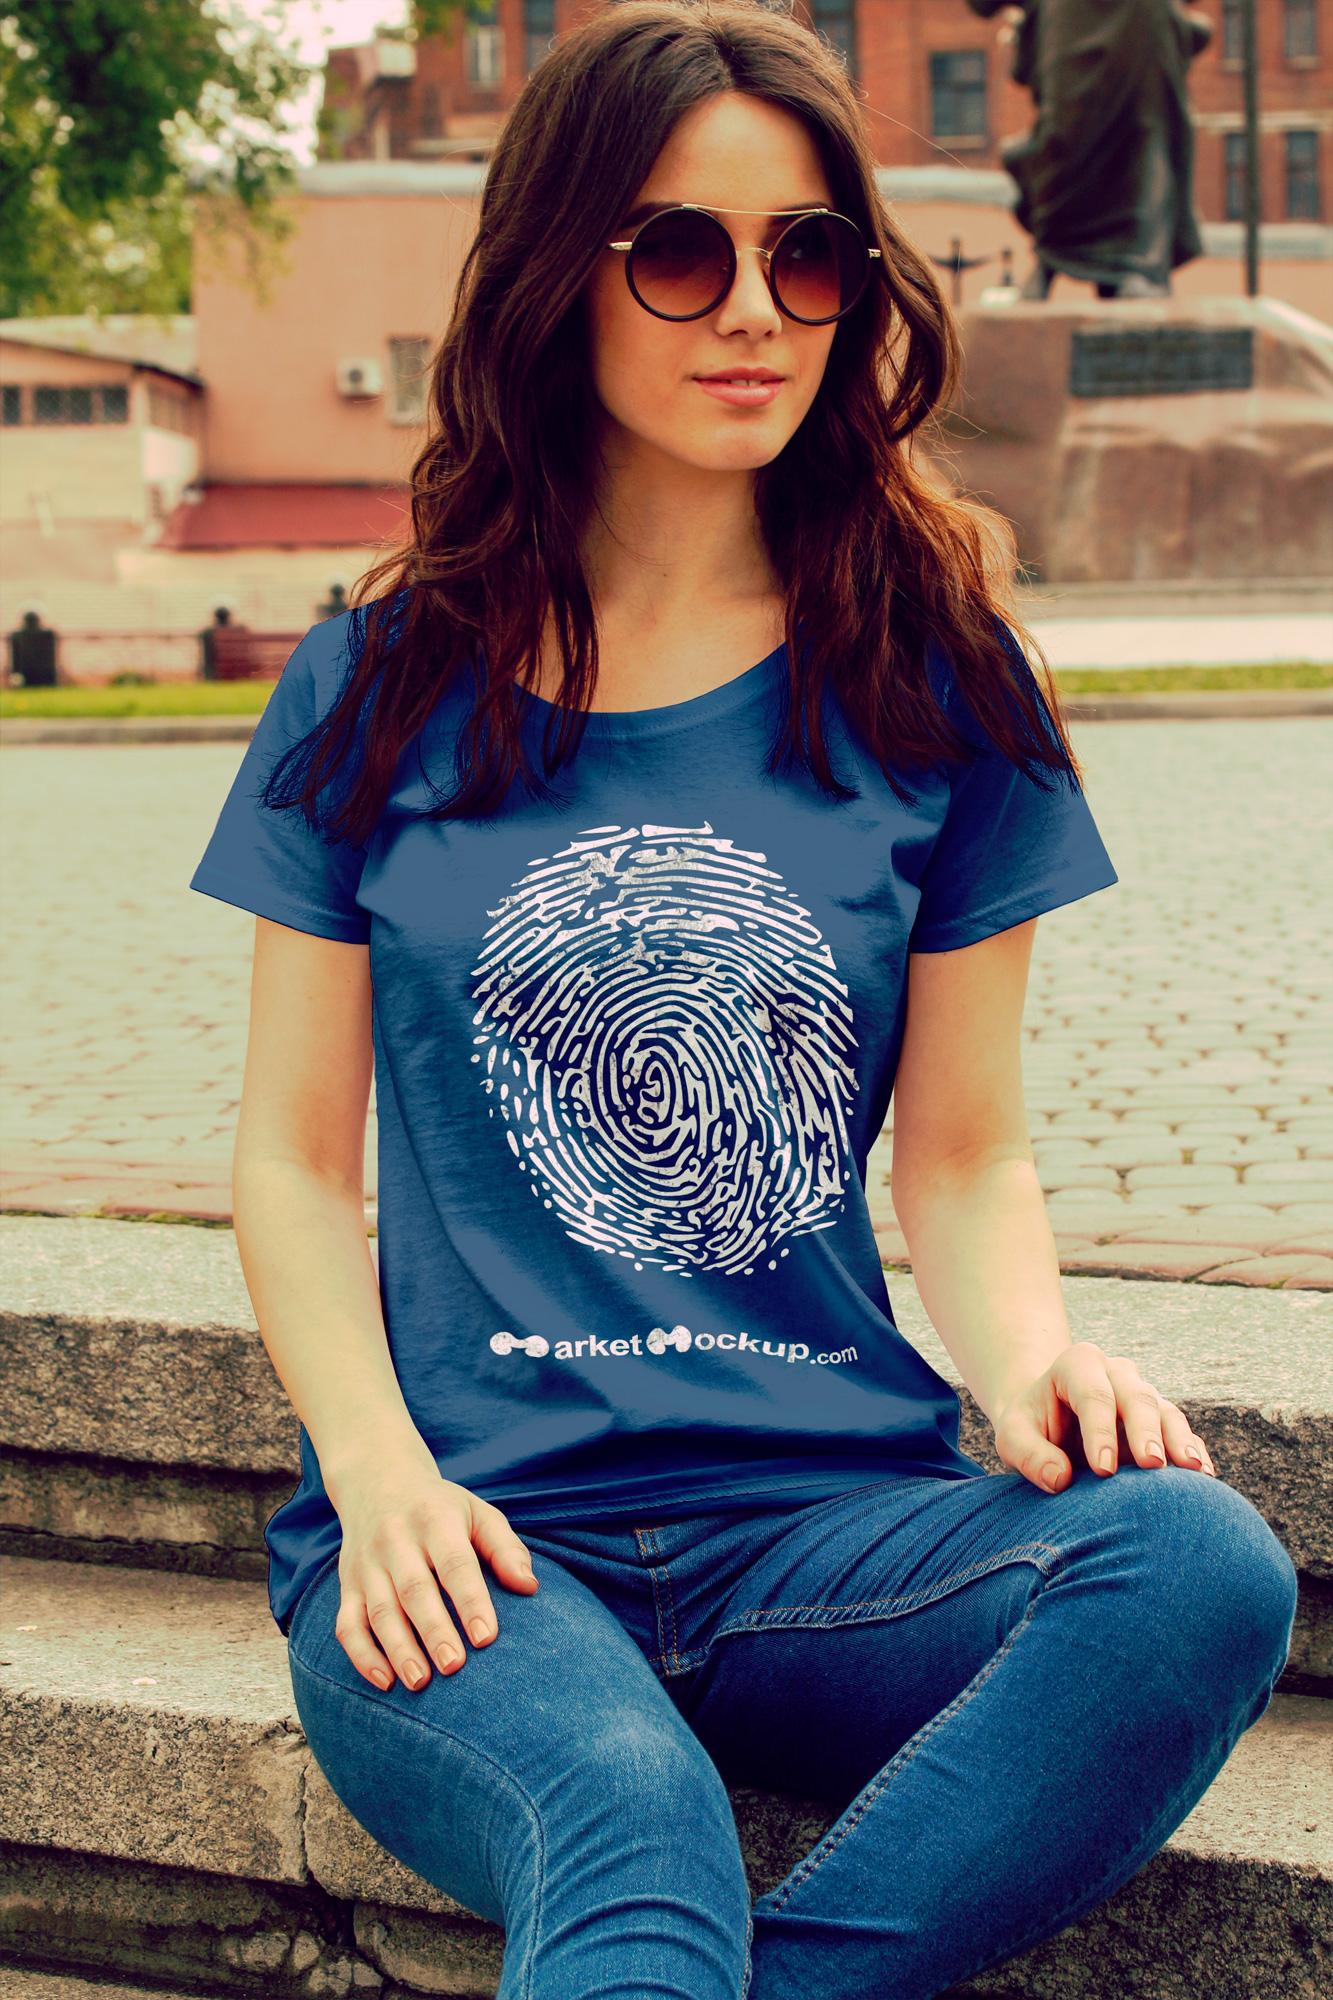 دانلود موکاپ تیشرت زنانه از روبرو